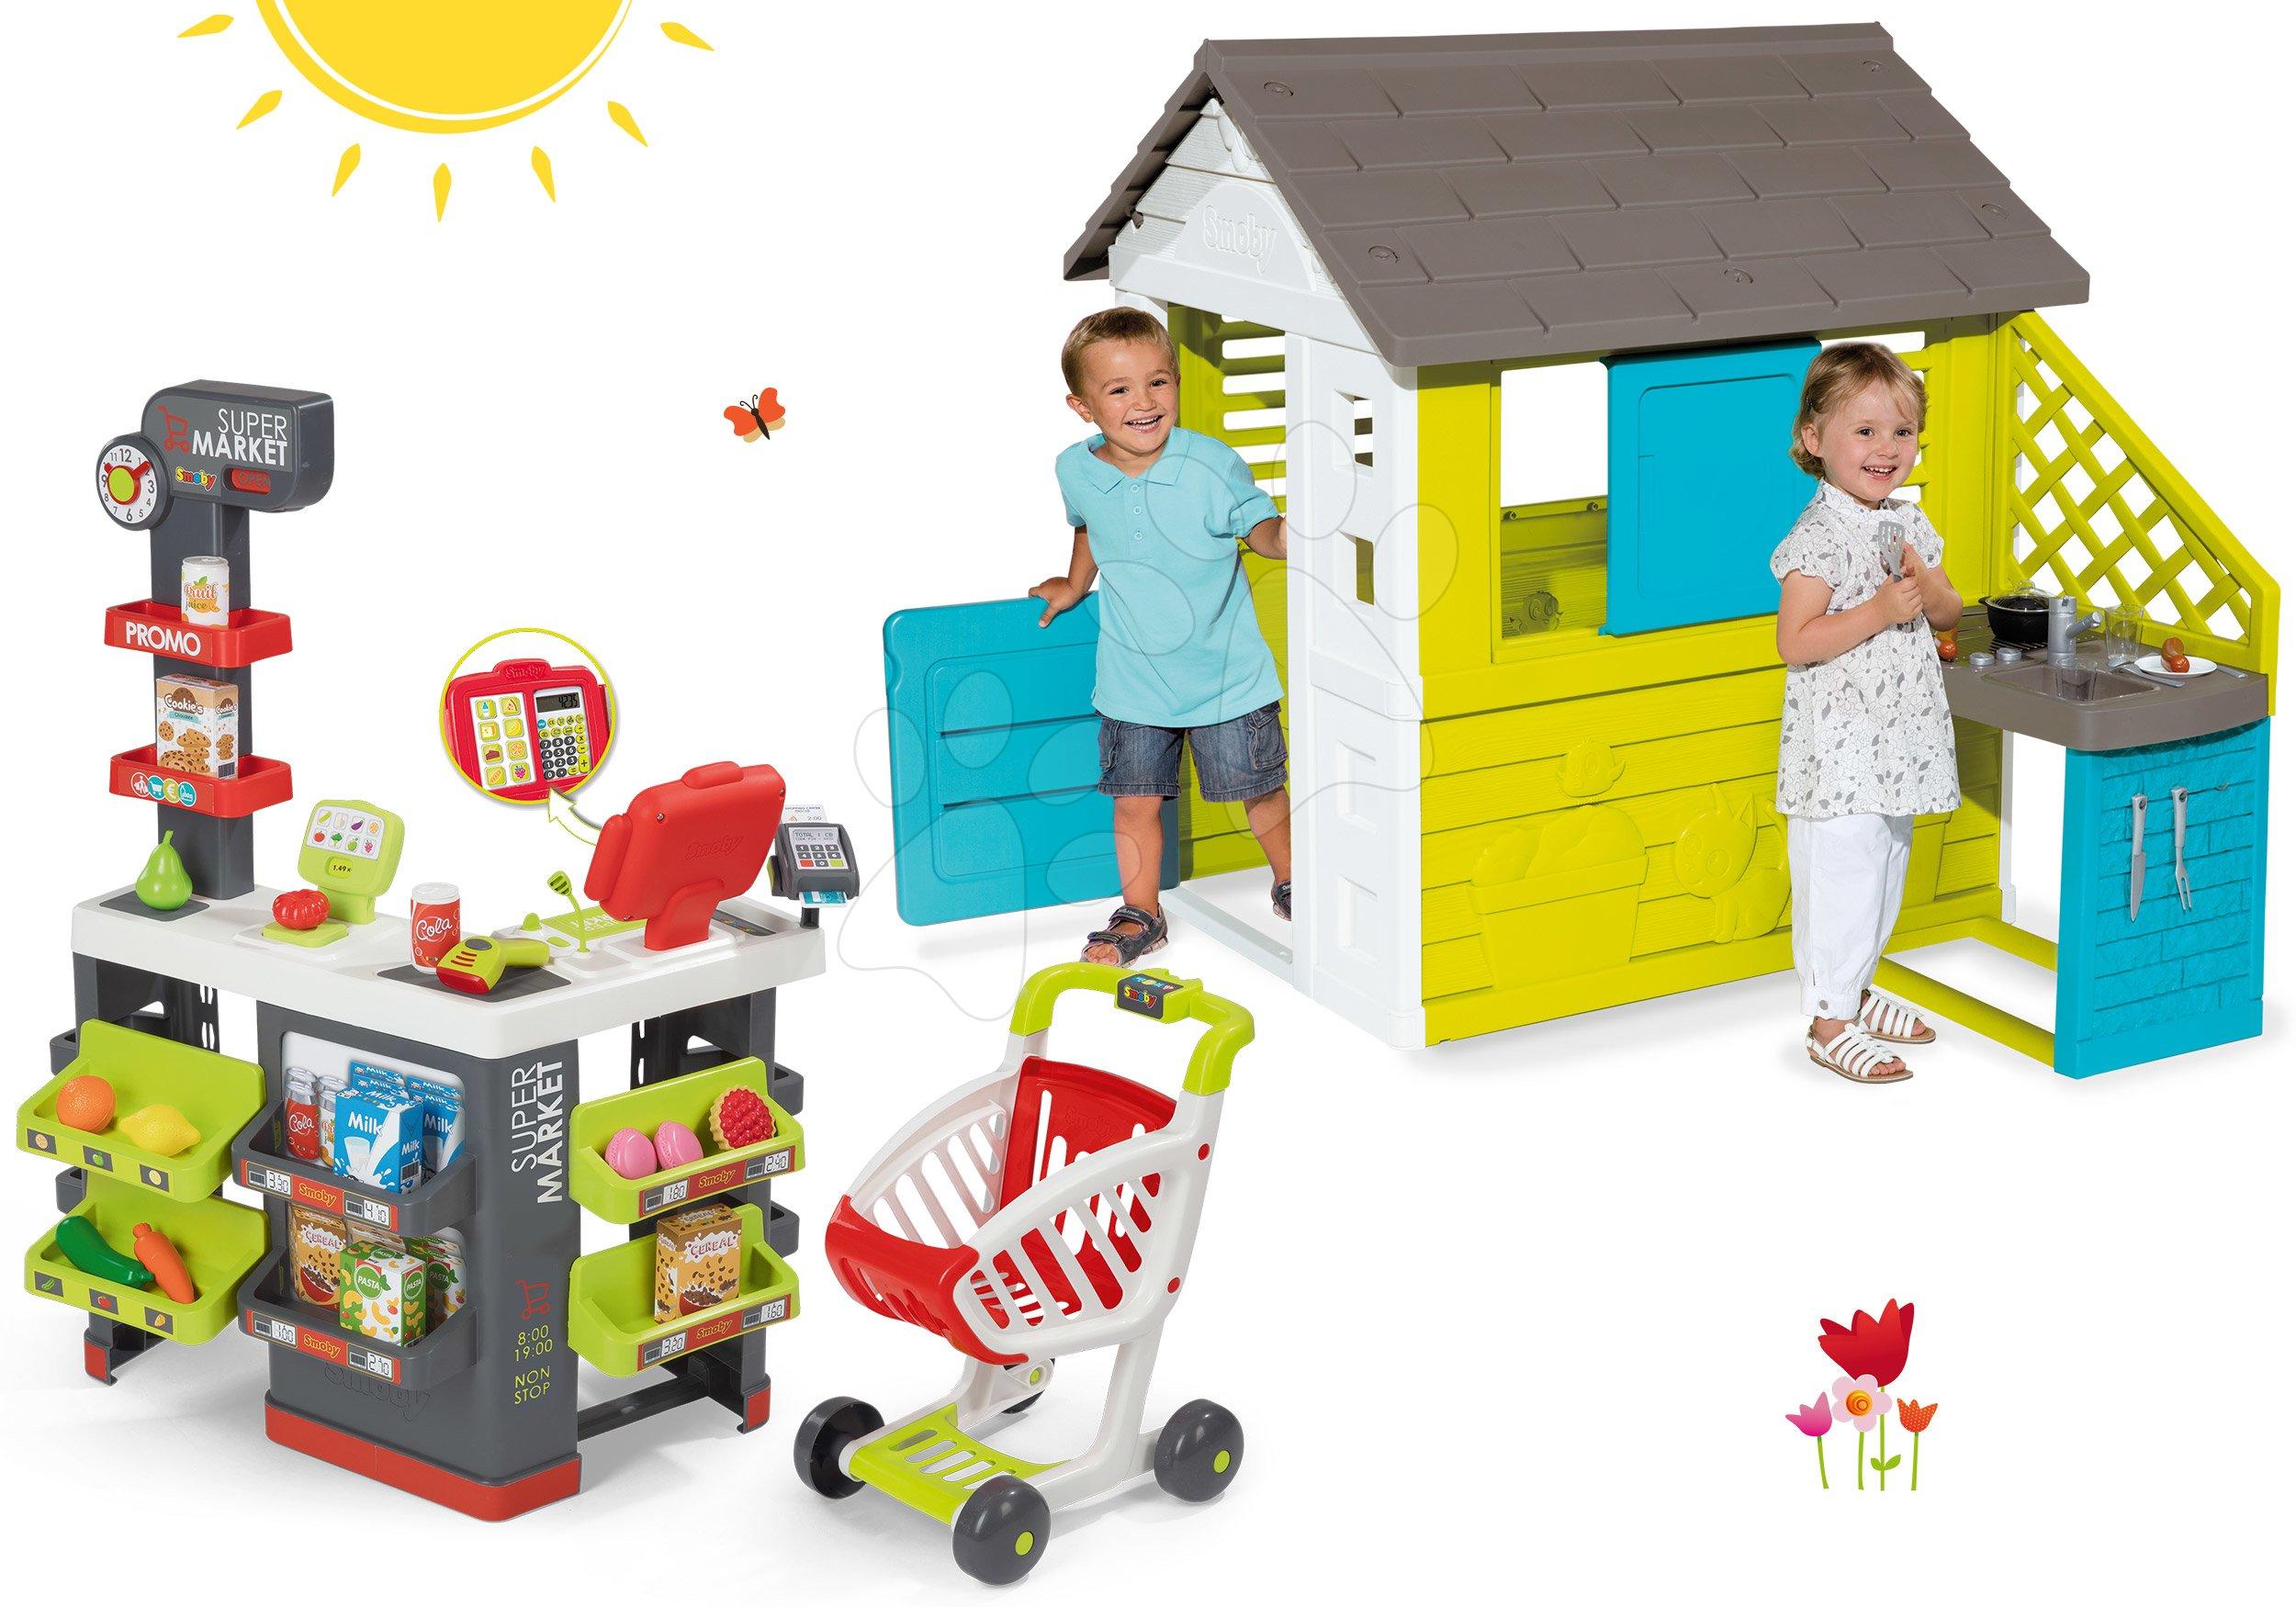 Domečky sety - Set domeček Pretty Blue Smoby s letní kuchyňkou a elektronický obchod Supermarket od 24 měsíců